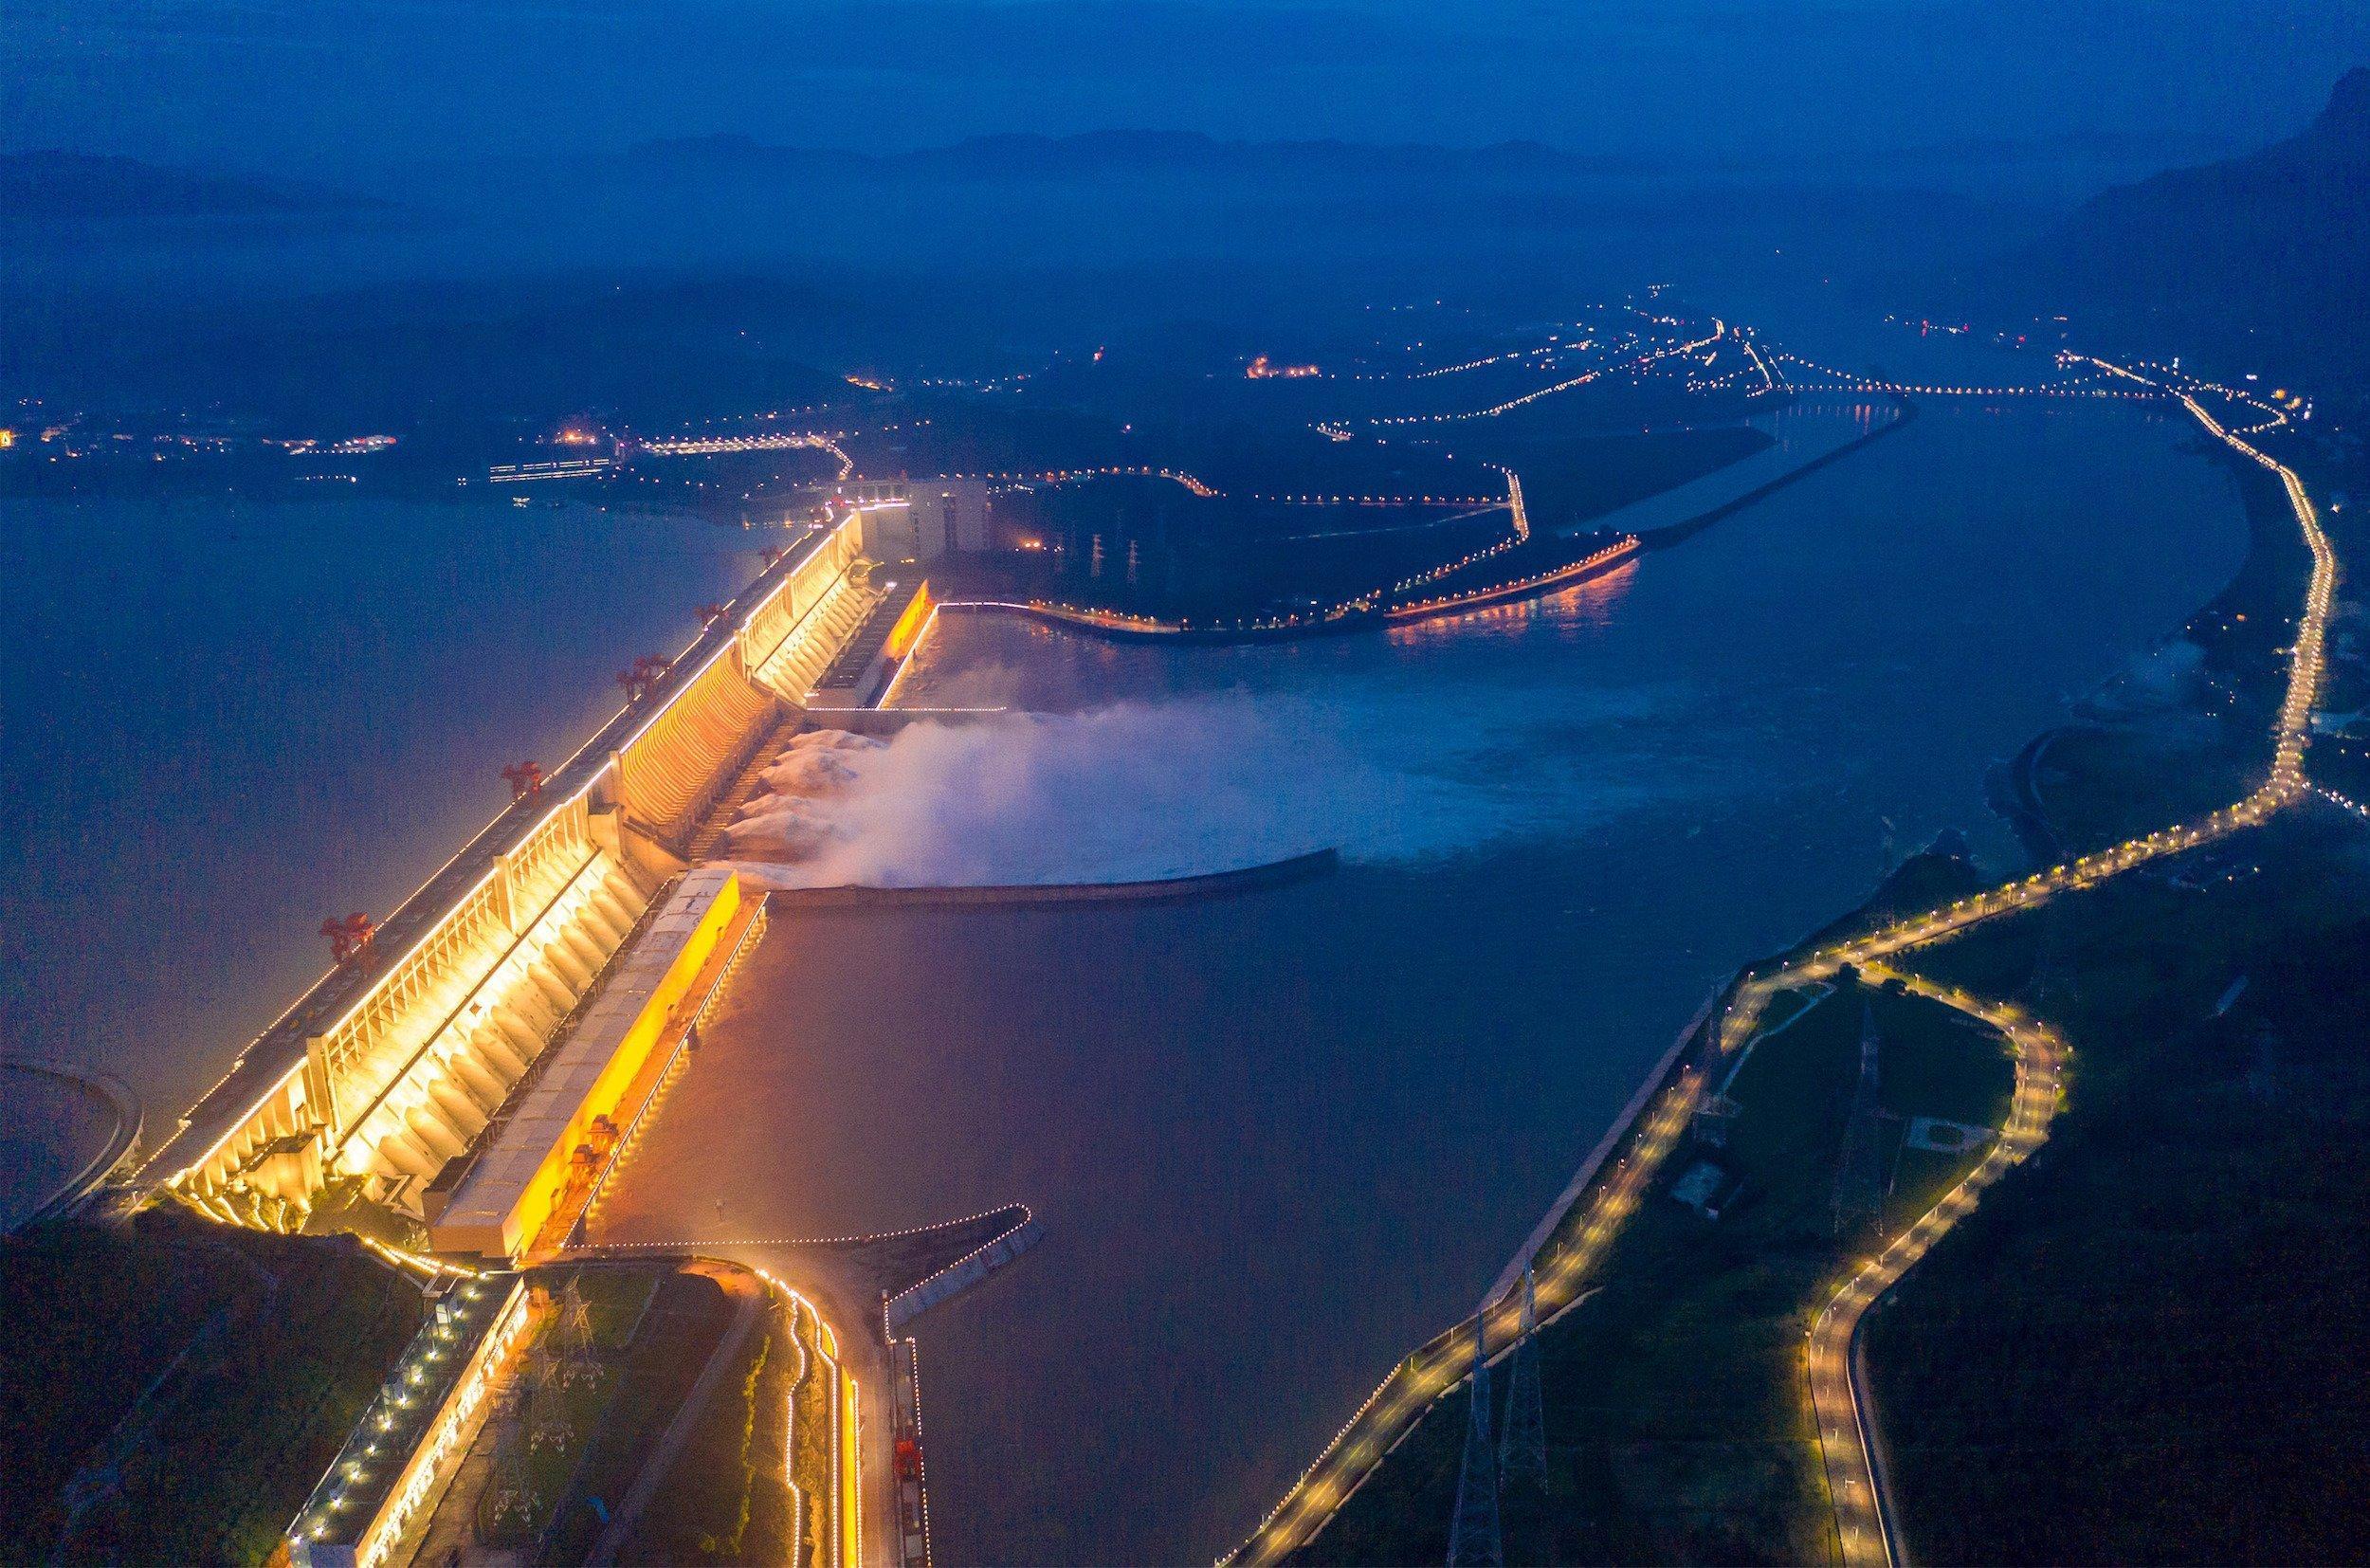 Eine Luftaufnahme des riesigen Drei-Schluchten-Staudamms bei Nacht.  Der Staudamm ist hell erleuchtet.